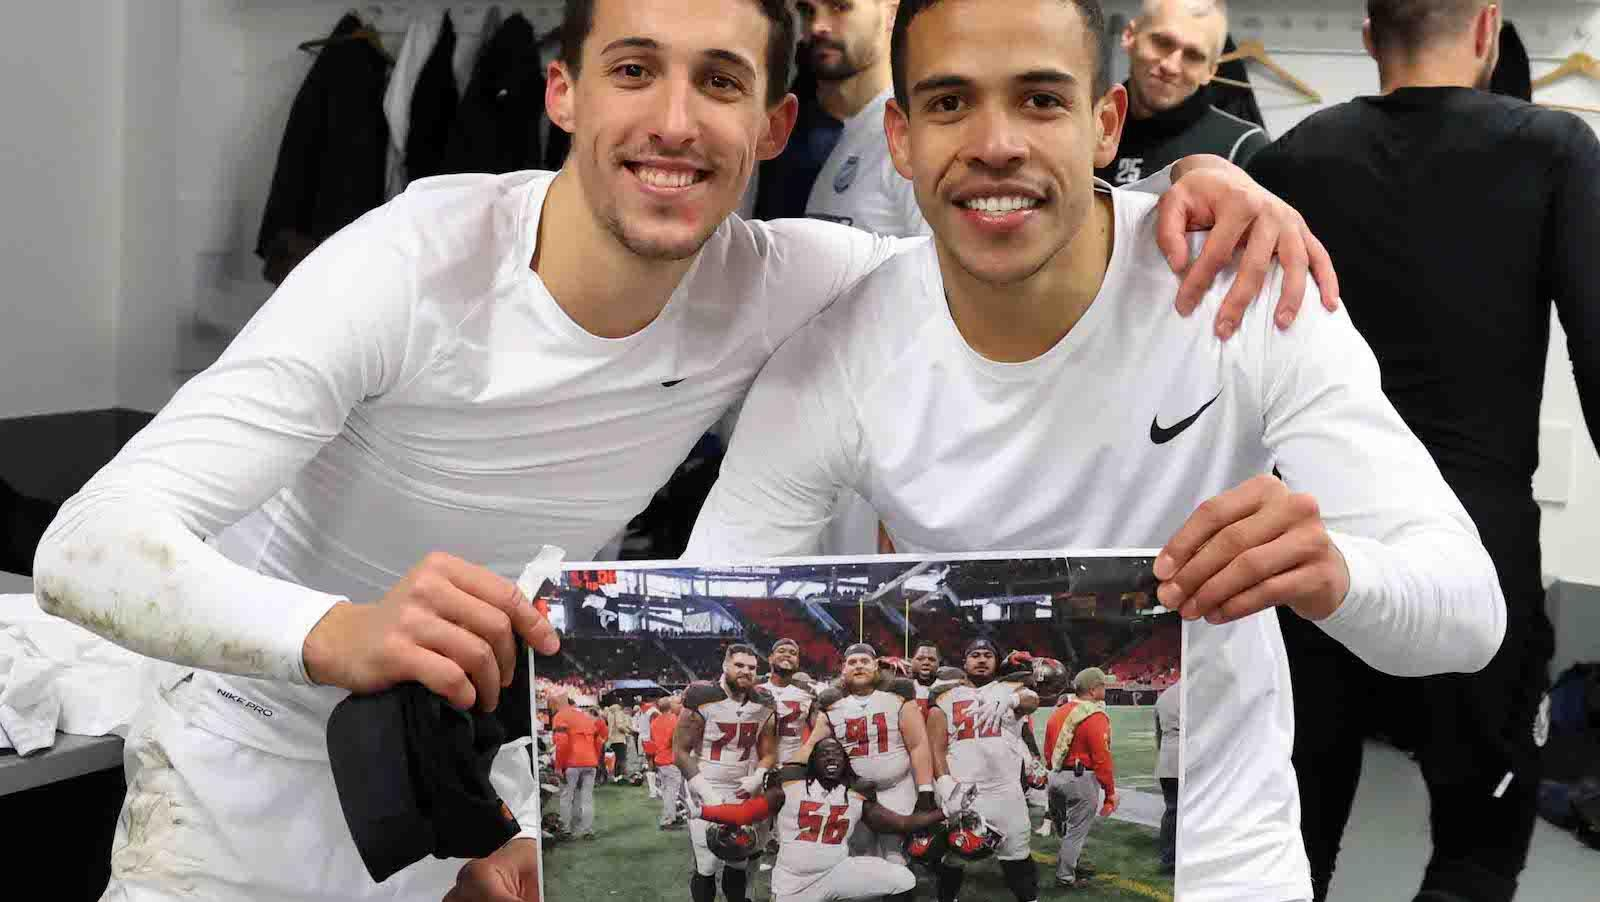 Mi köze a Tampa Bay Super Bowl győzelmének a Vidi elleni sikerünkhöz? - ez történt az elmúlt egy hónapban (videó)